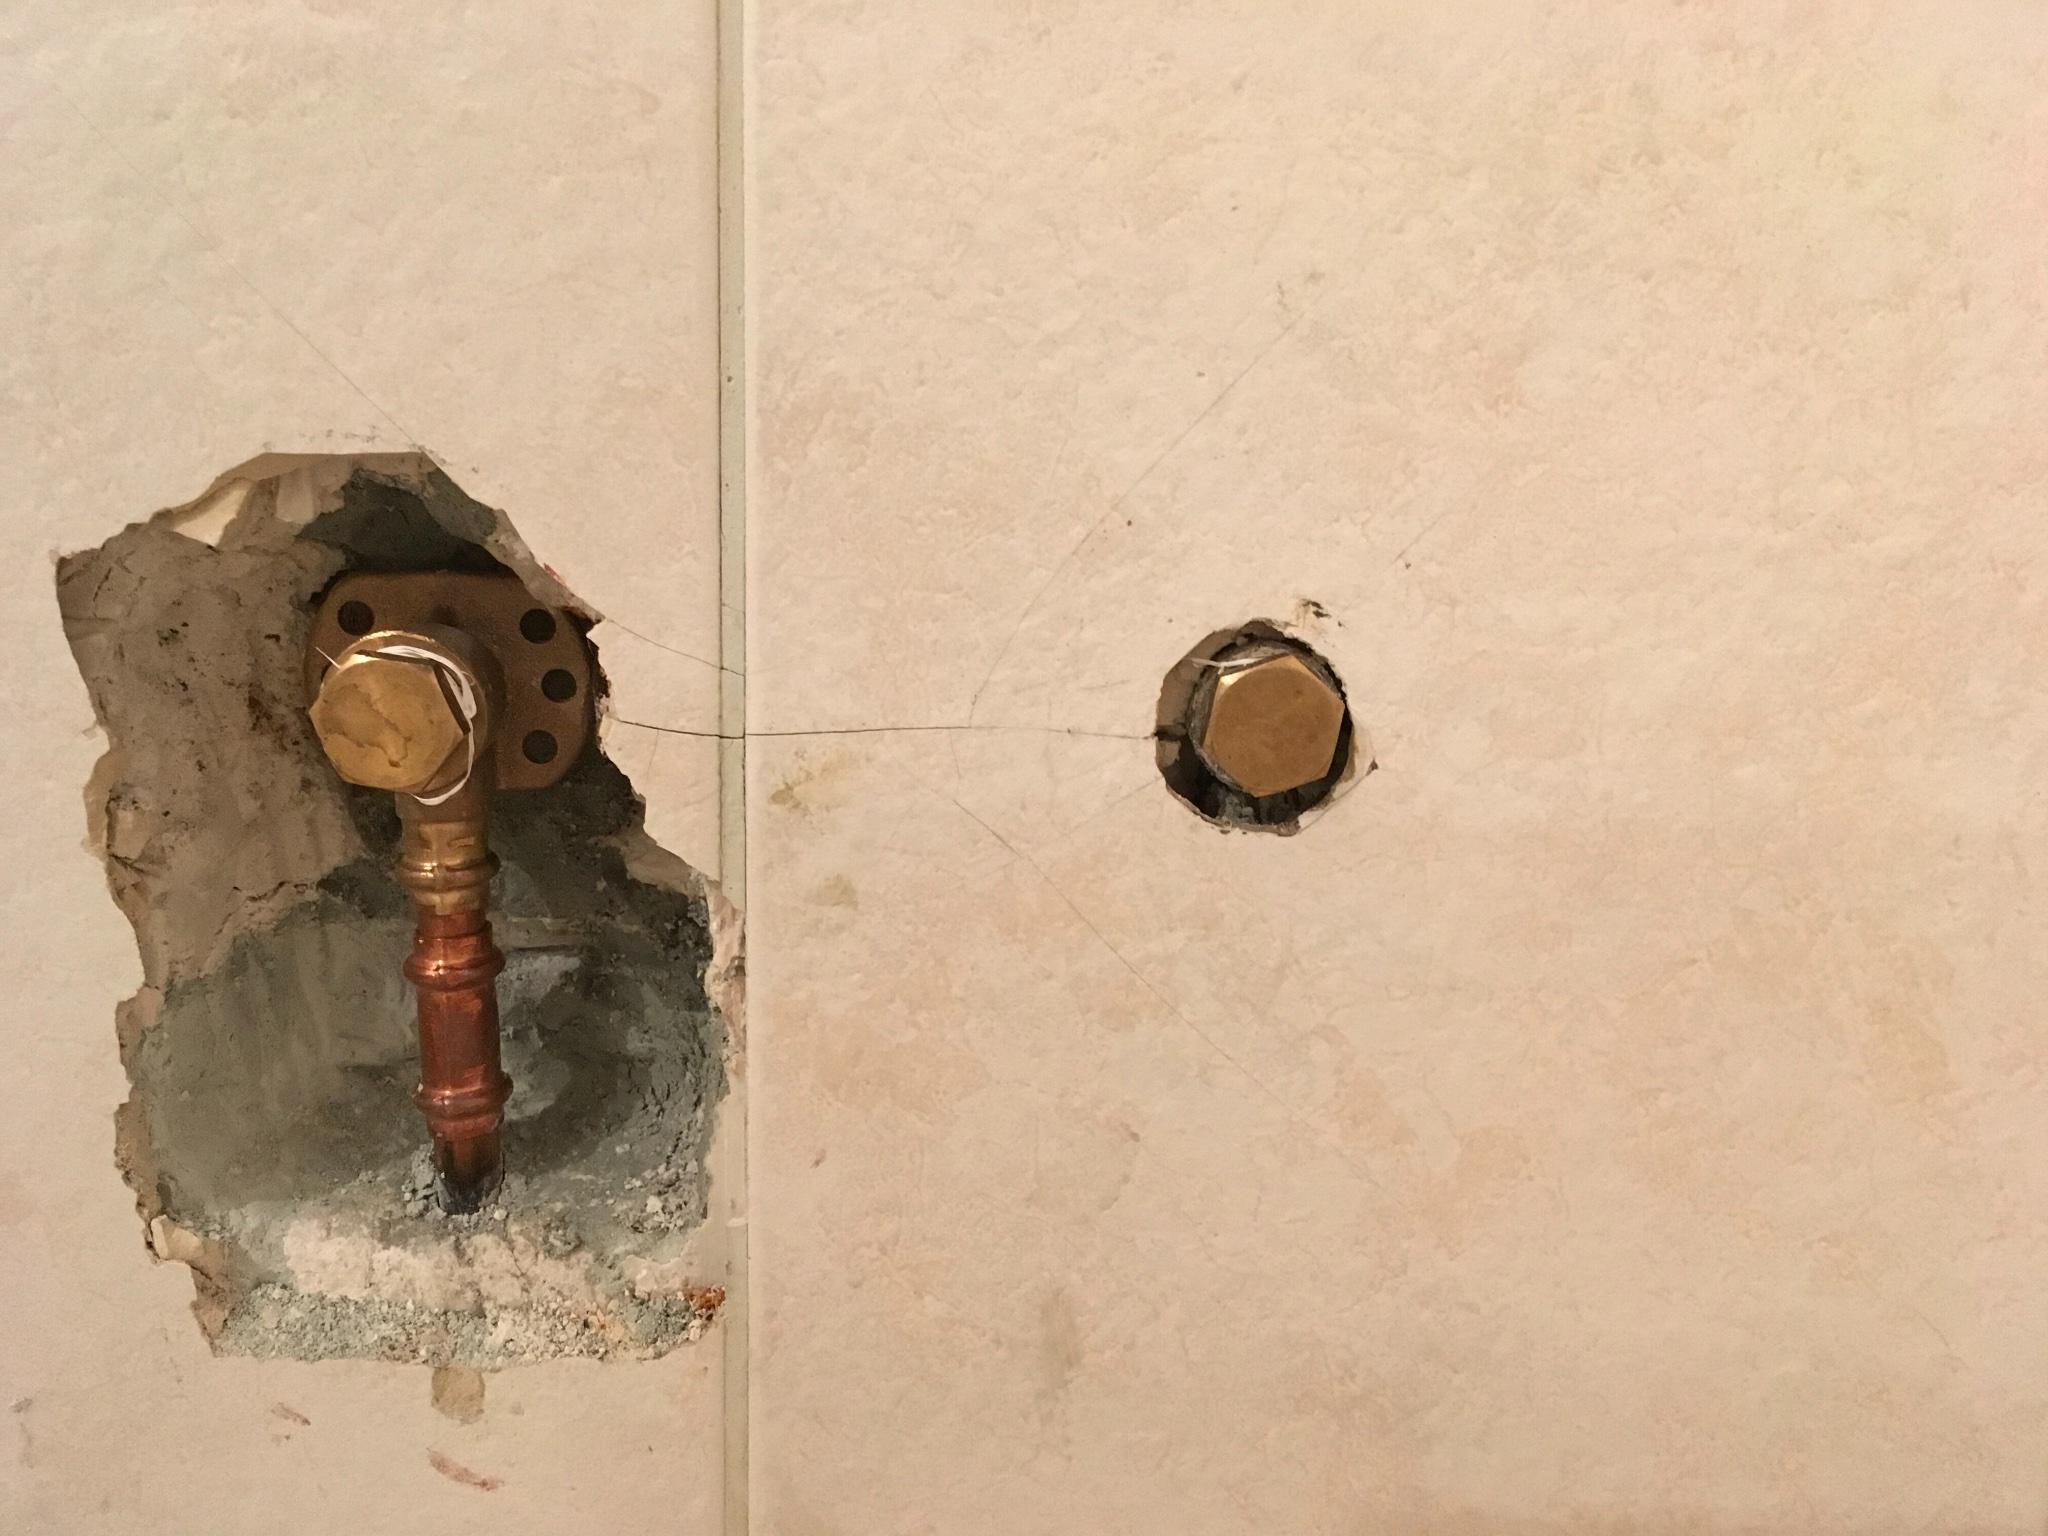 Badkamer Douche Kranen : Badkamer muur repareren twee tegels zetten douchekraan monteren